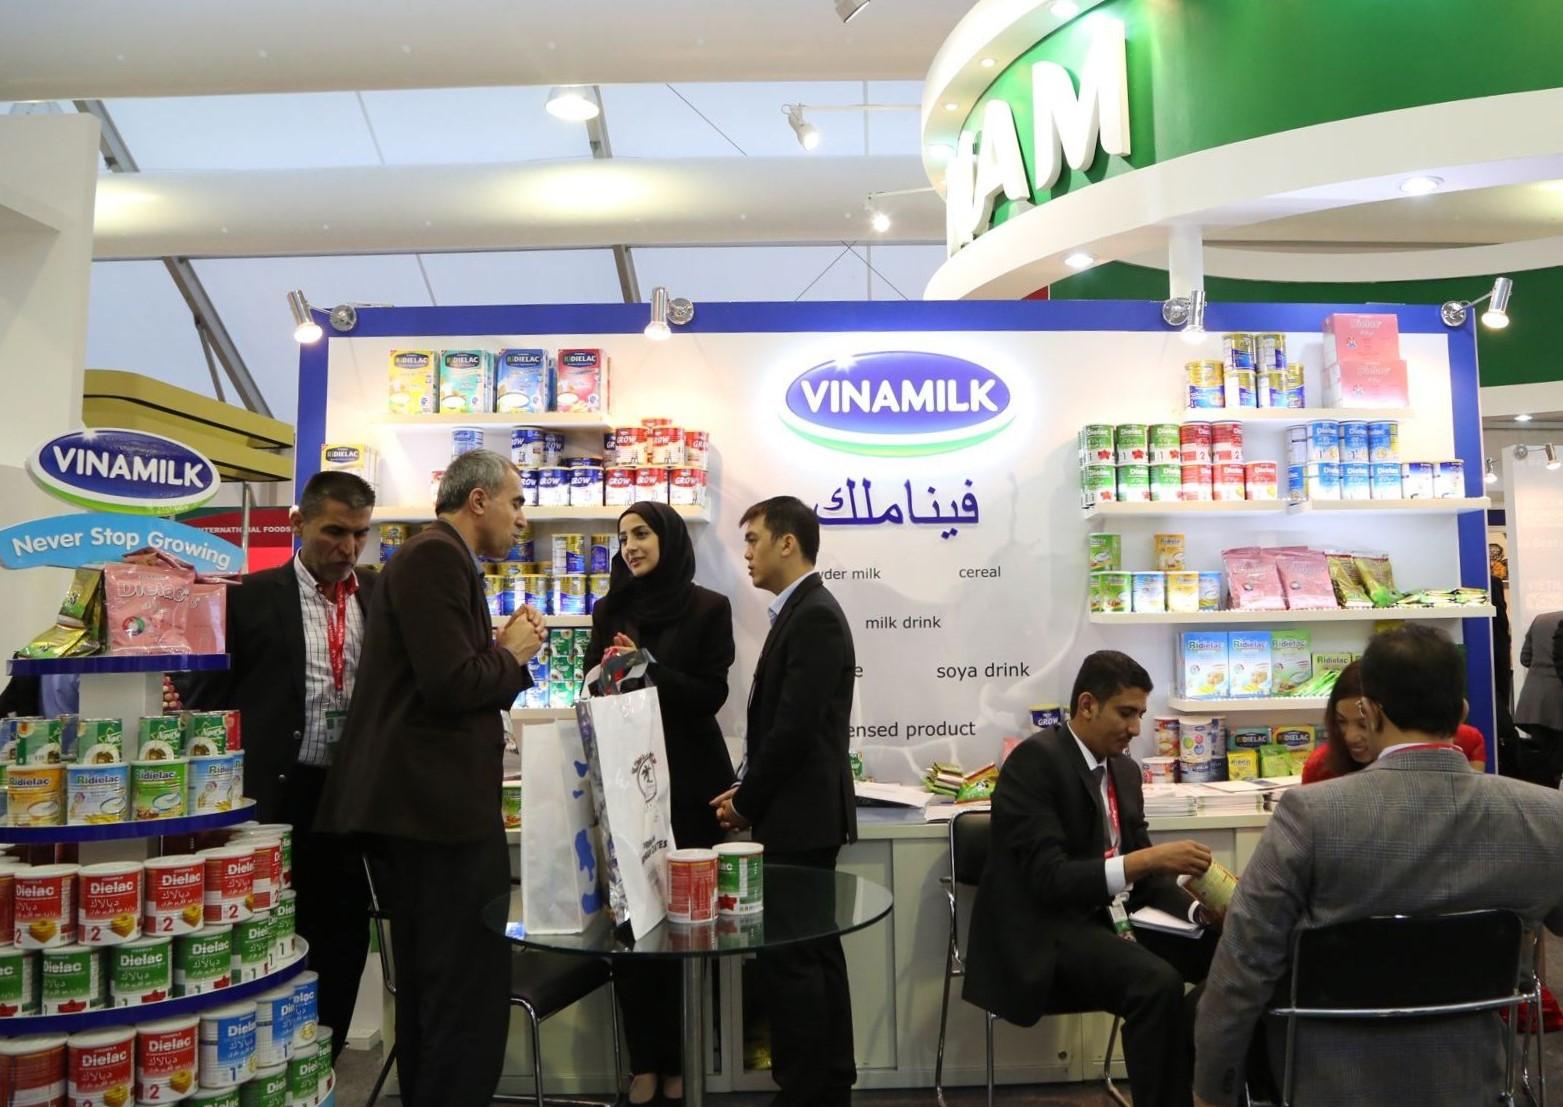 Là thương hiệu quốc gia, Vinamilk luôn tạo được sự ấn tượng về hình ảnh thương hiệu khi tham gia các Hội chợ, Triển lãm quốc tế 2020